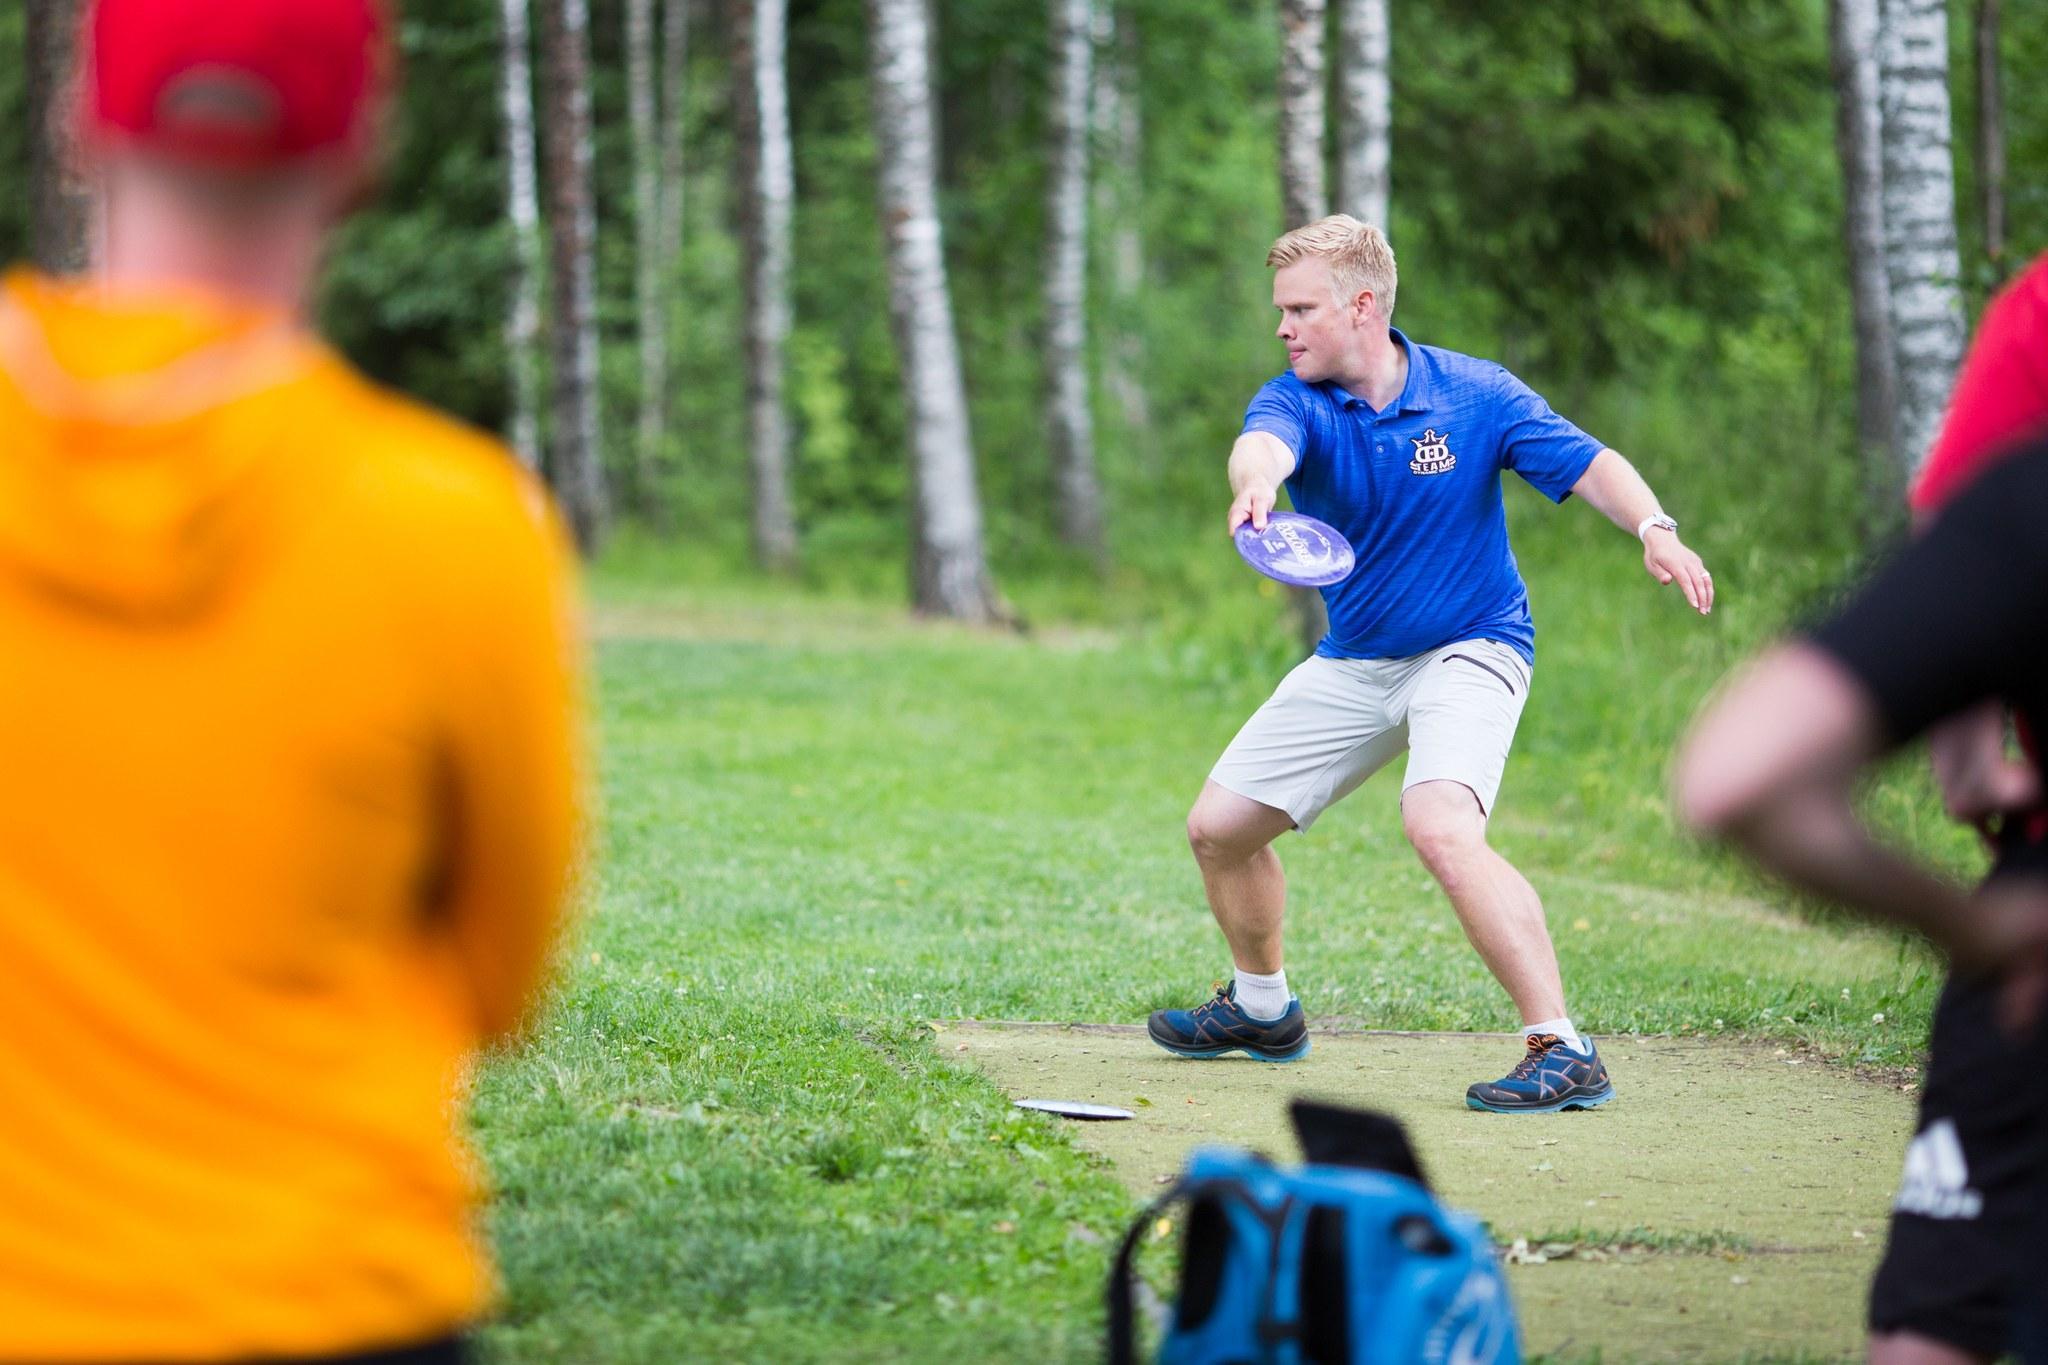 Janne Hirsimäki jatkaa MP40-luokan kärkipaikalla. Kuva: SFL / Knuutti Lehtinen